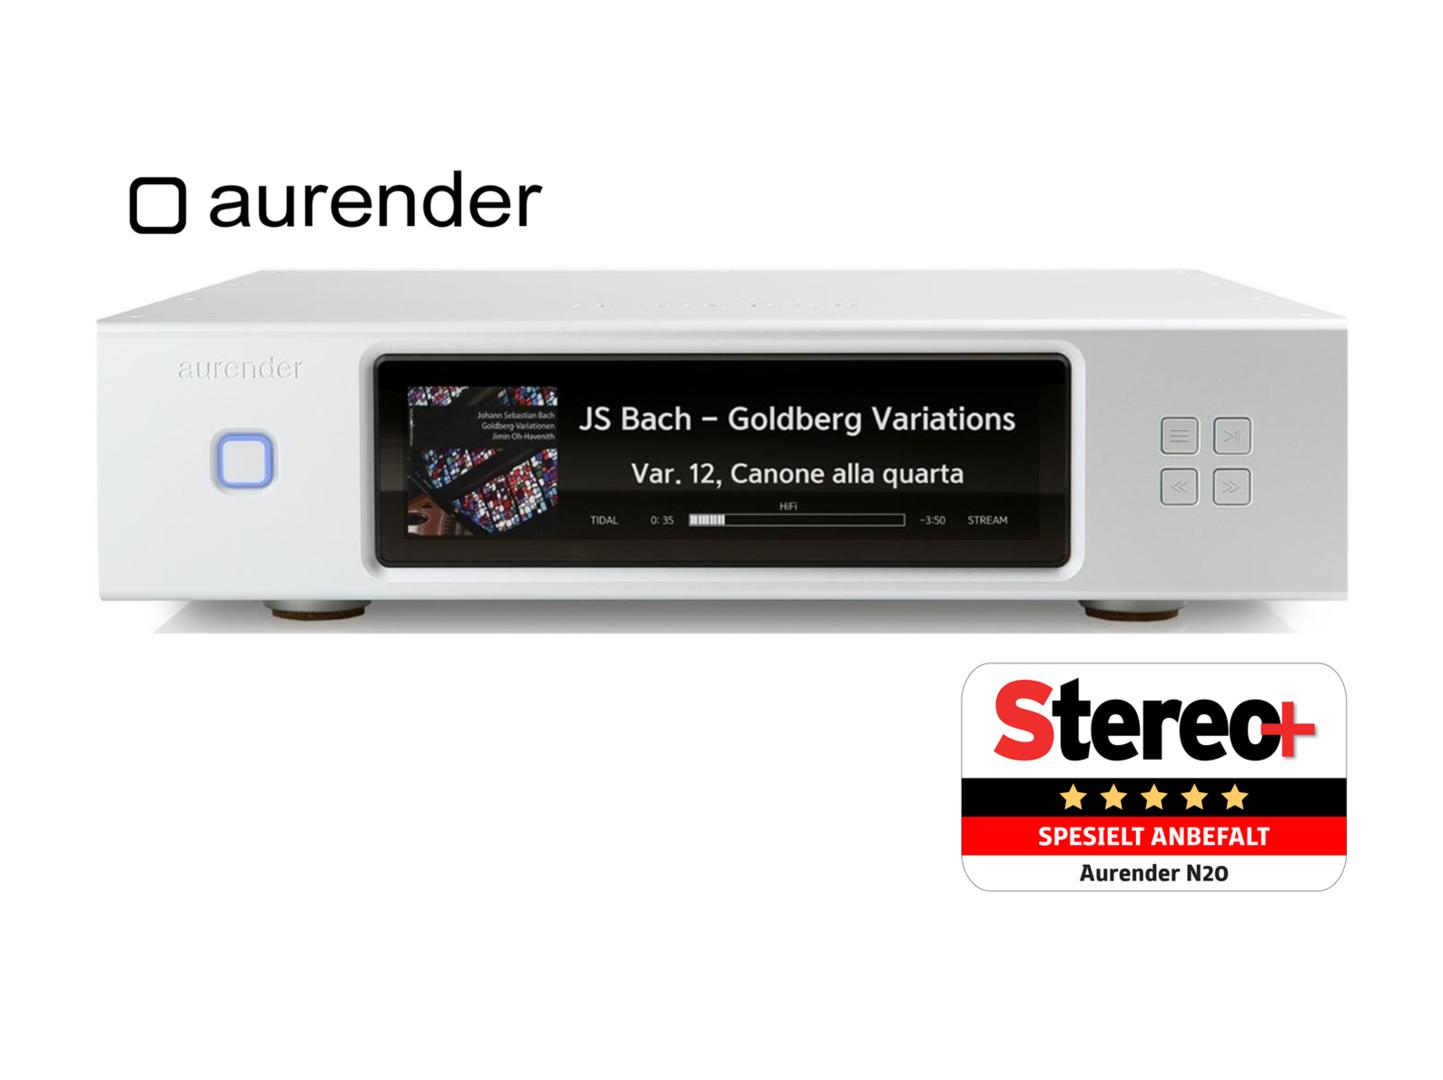 Aurender_N20_HFS.png